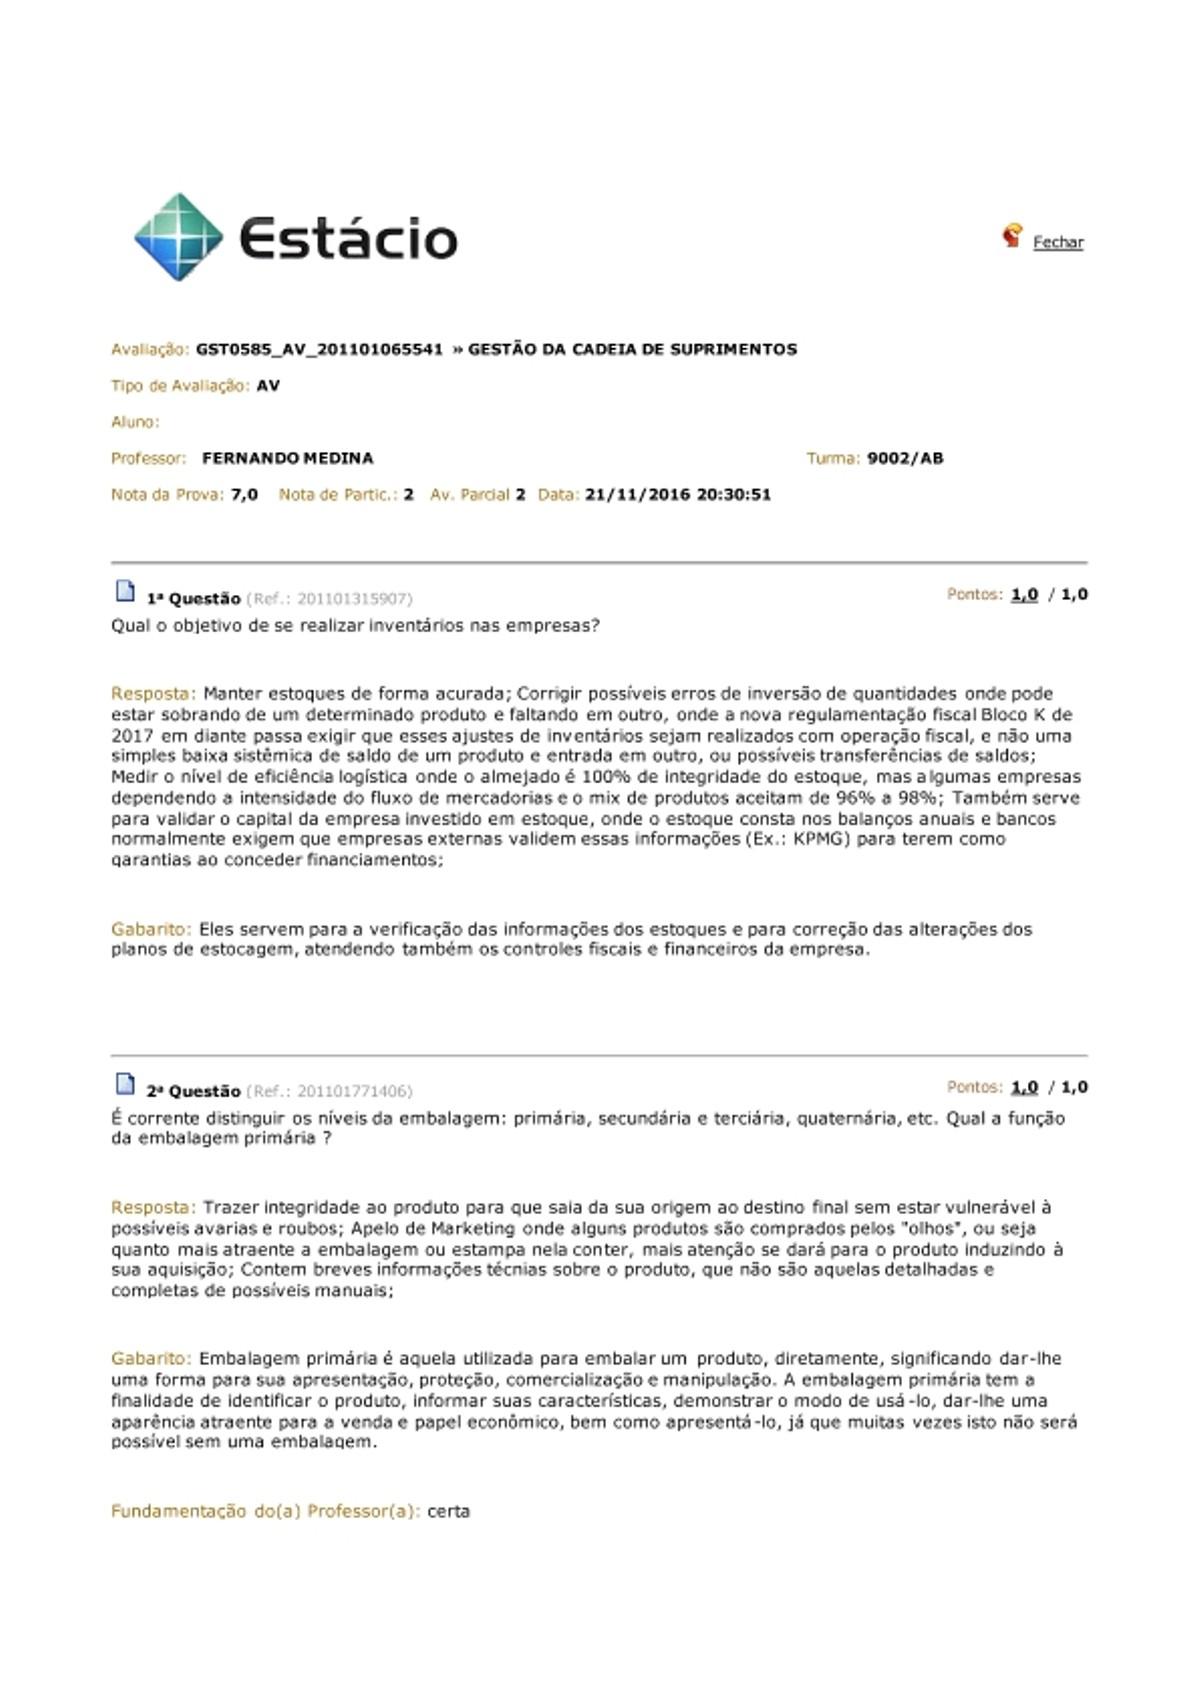 Pre-visualização do material AV GESTÃO DA CADEIA DE SUPRIMENTOS - Nov. 2016 - página 1